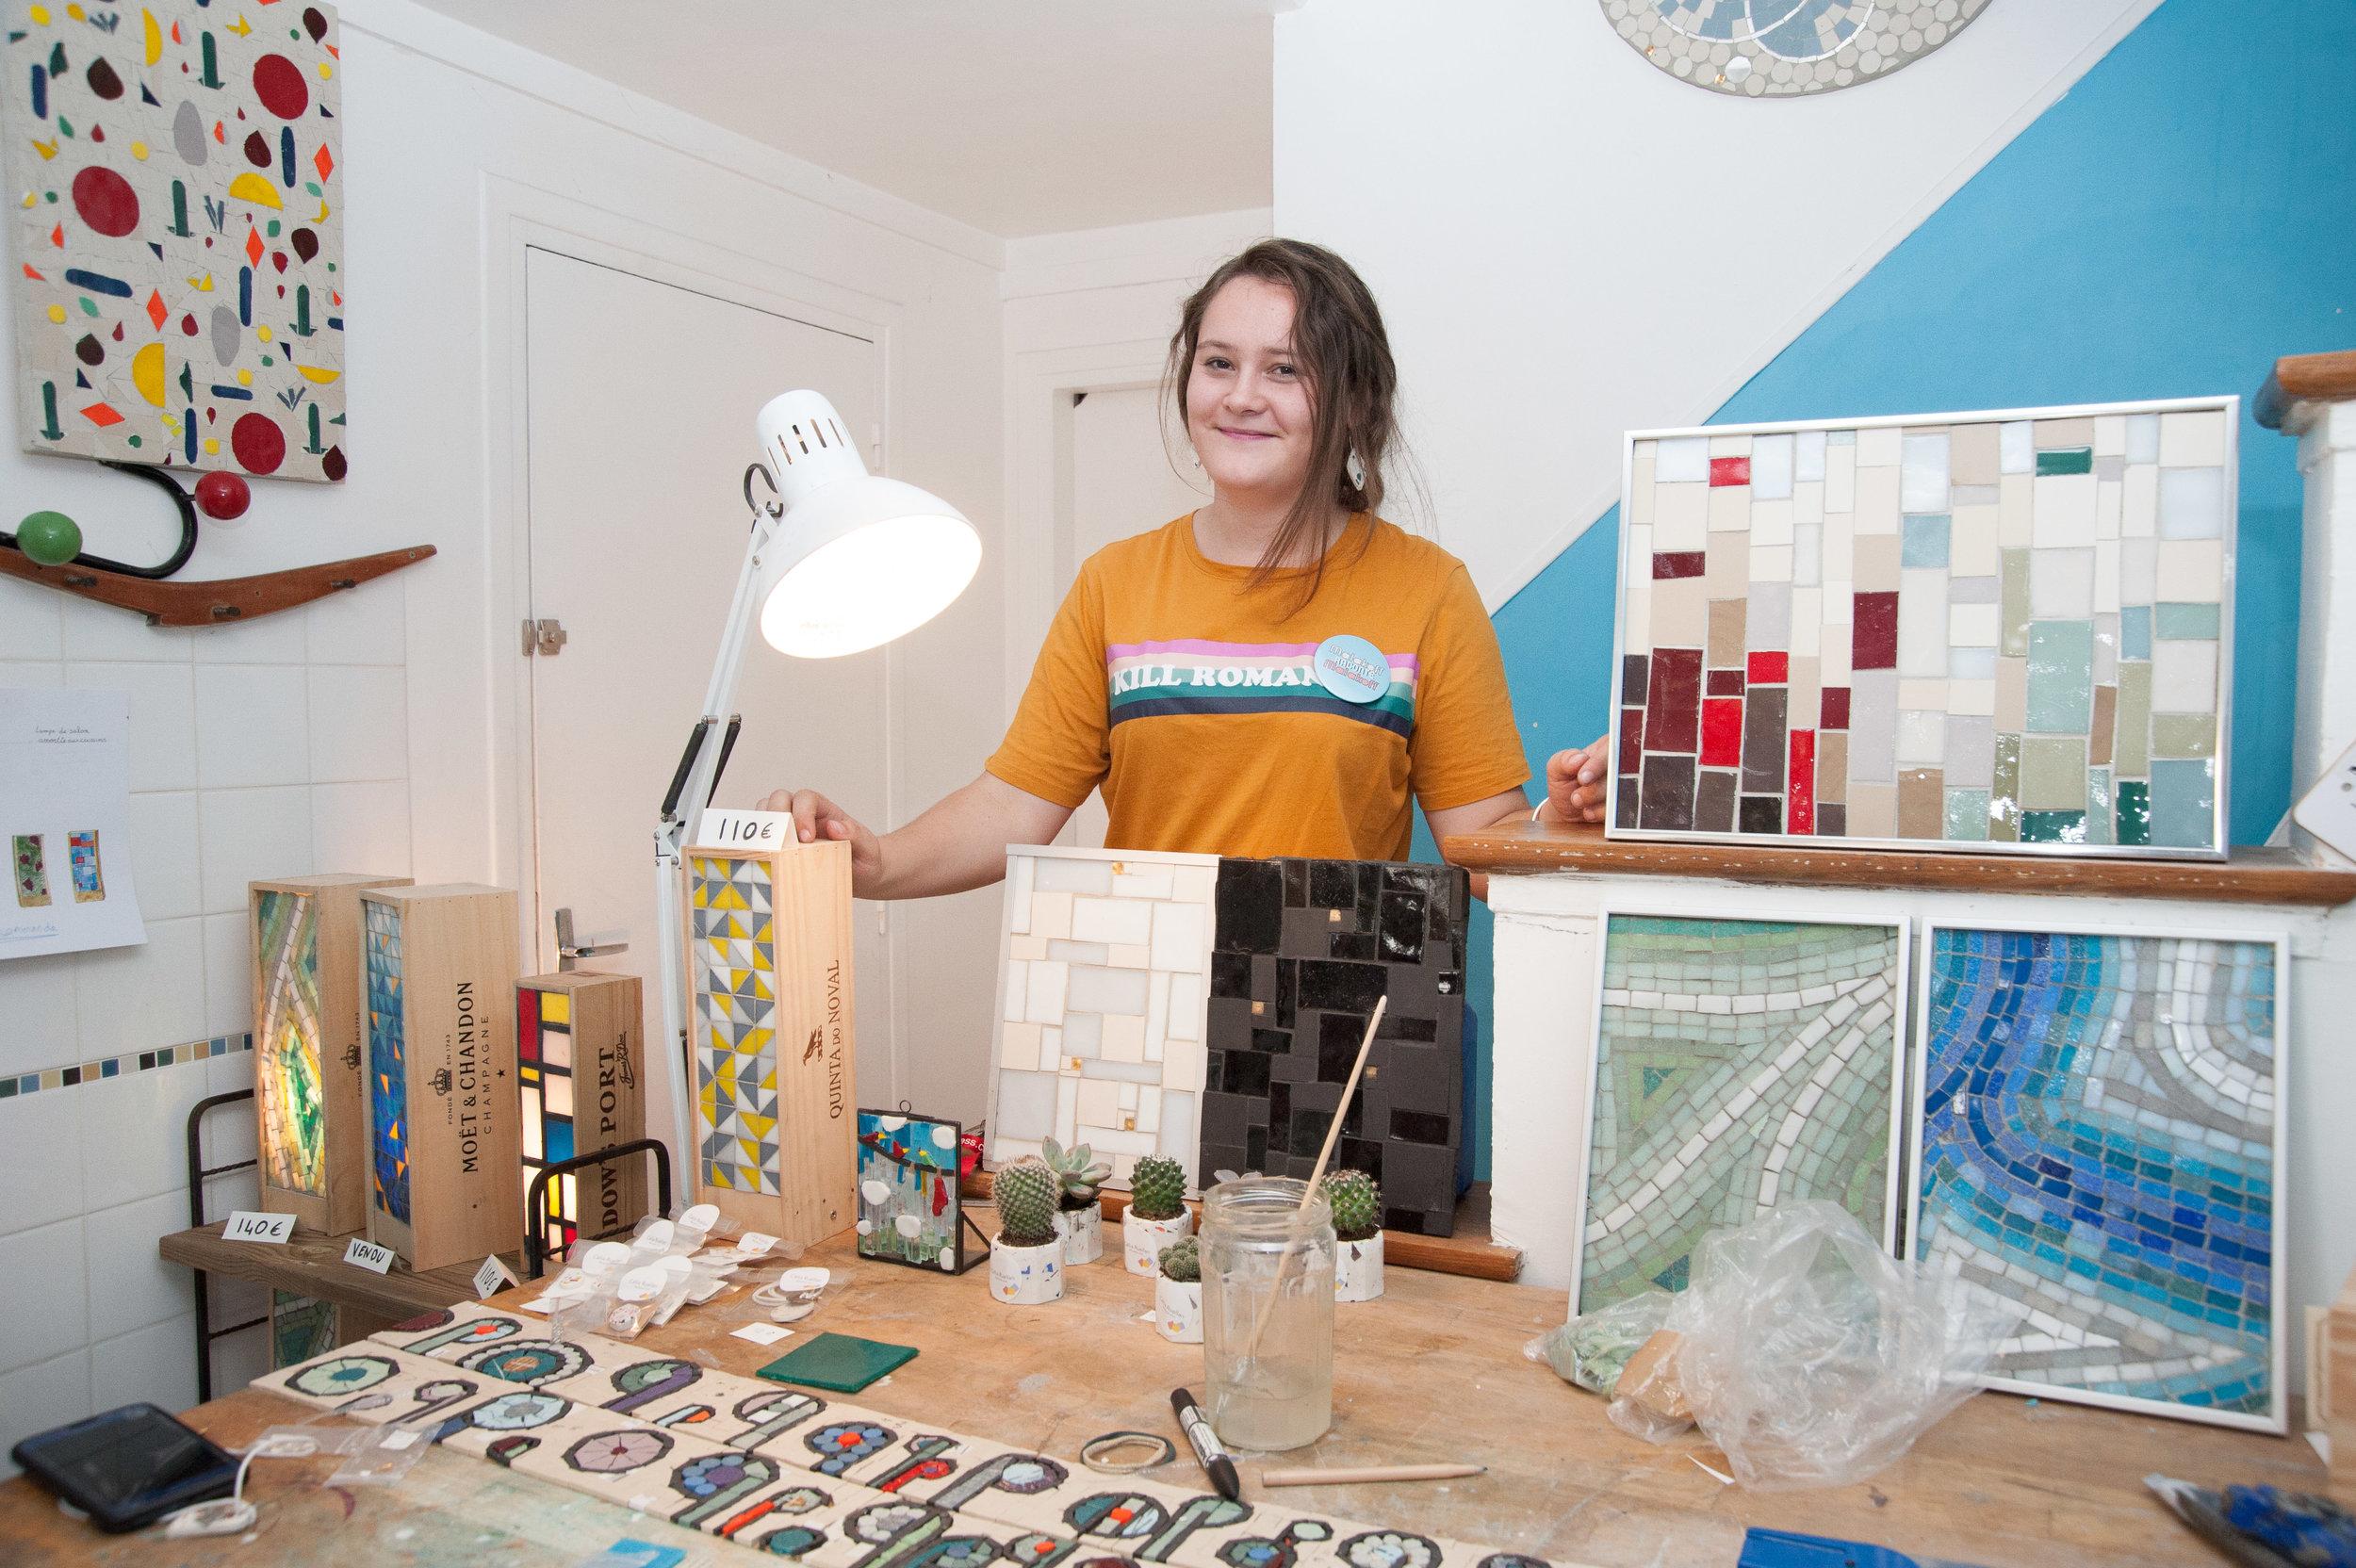 Célia, artisane mosaïste est l'entrepreneure invitée de La Vraie Dose 64 : l'entrepreneuriat et le couple : lettre à mon co-fondateur de l'ombre